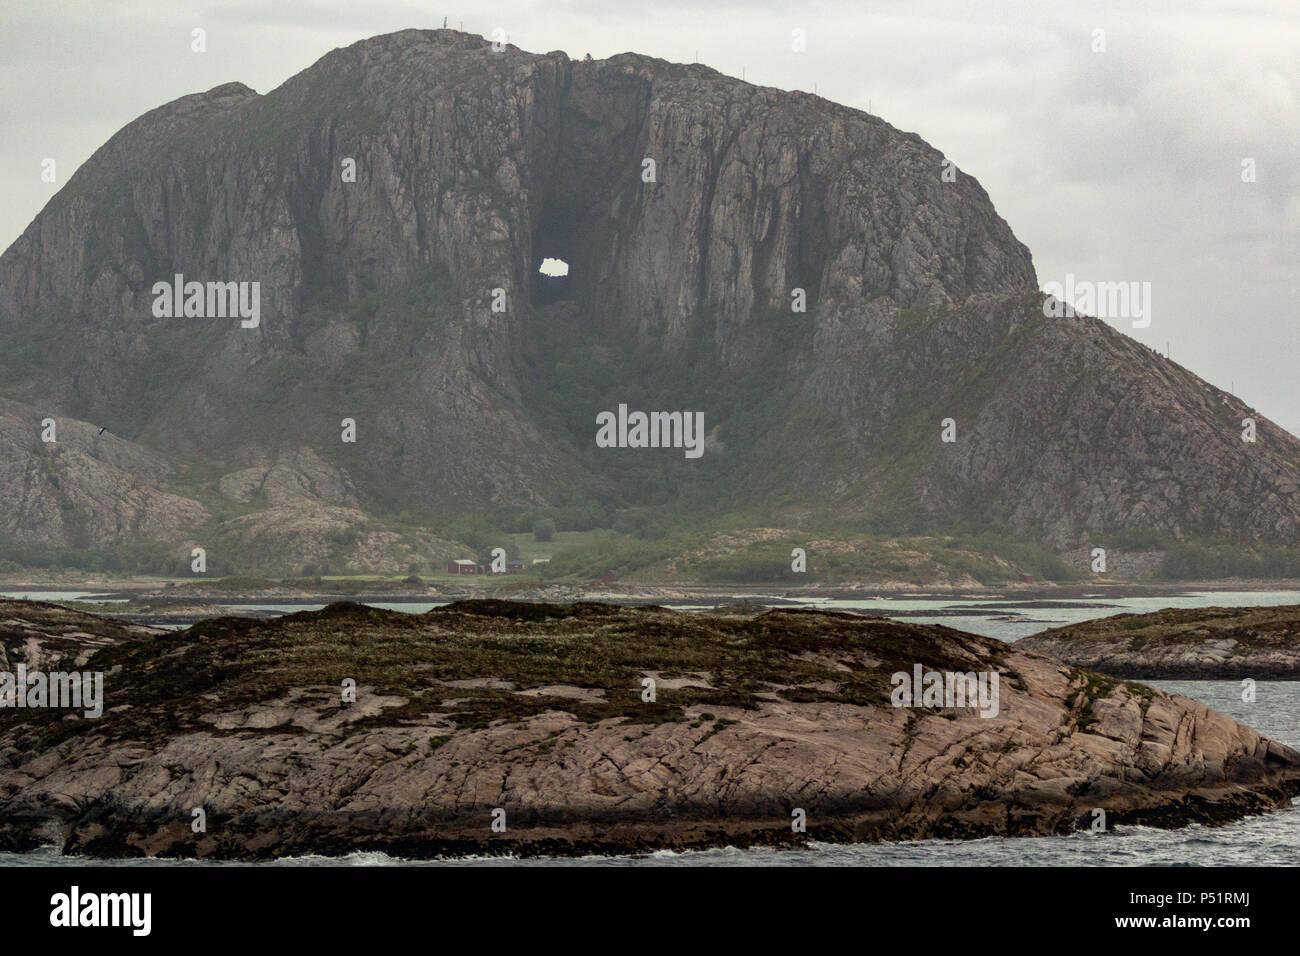 Torghatten Berg und seine unverwechselbare Loch durch den Berg gehen, klar Stockbild